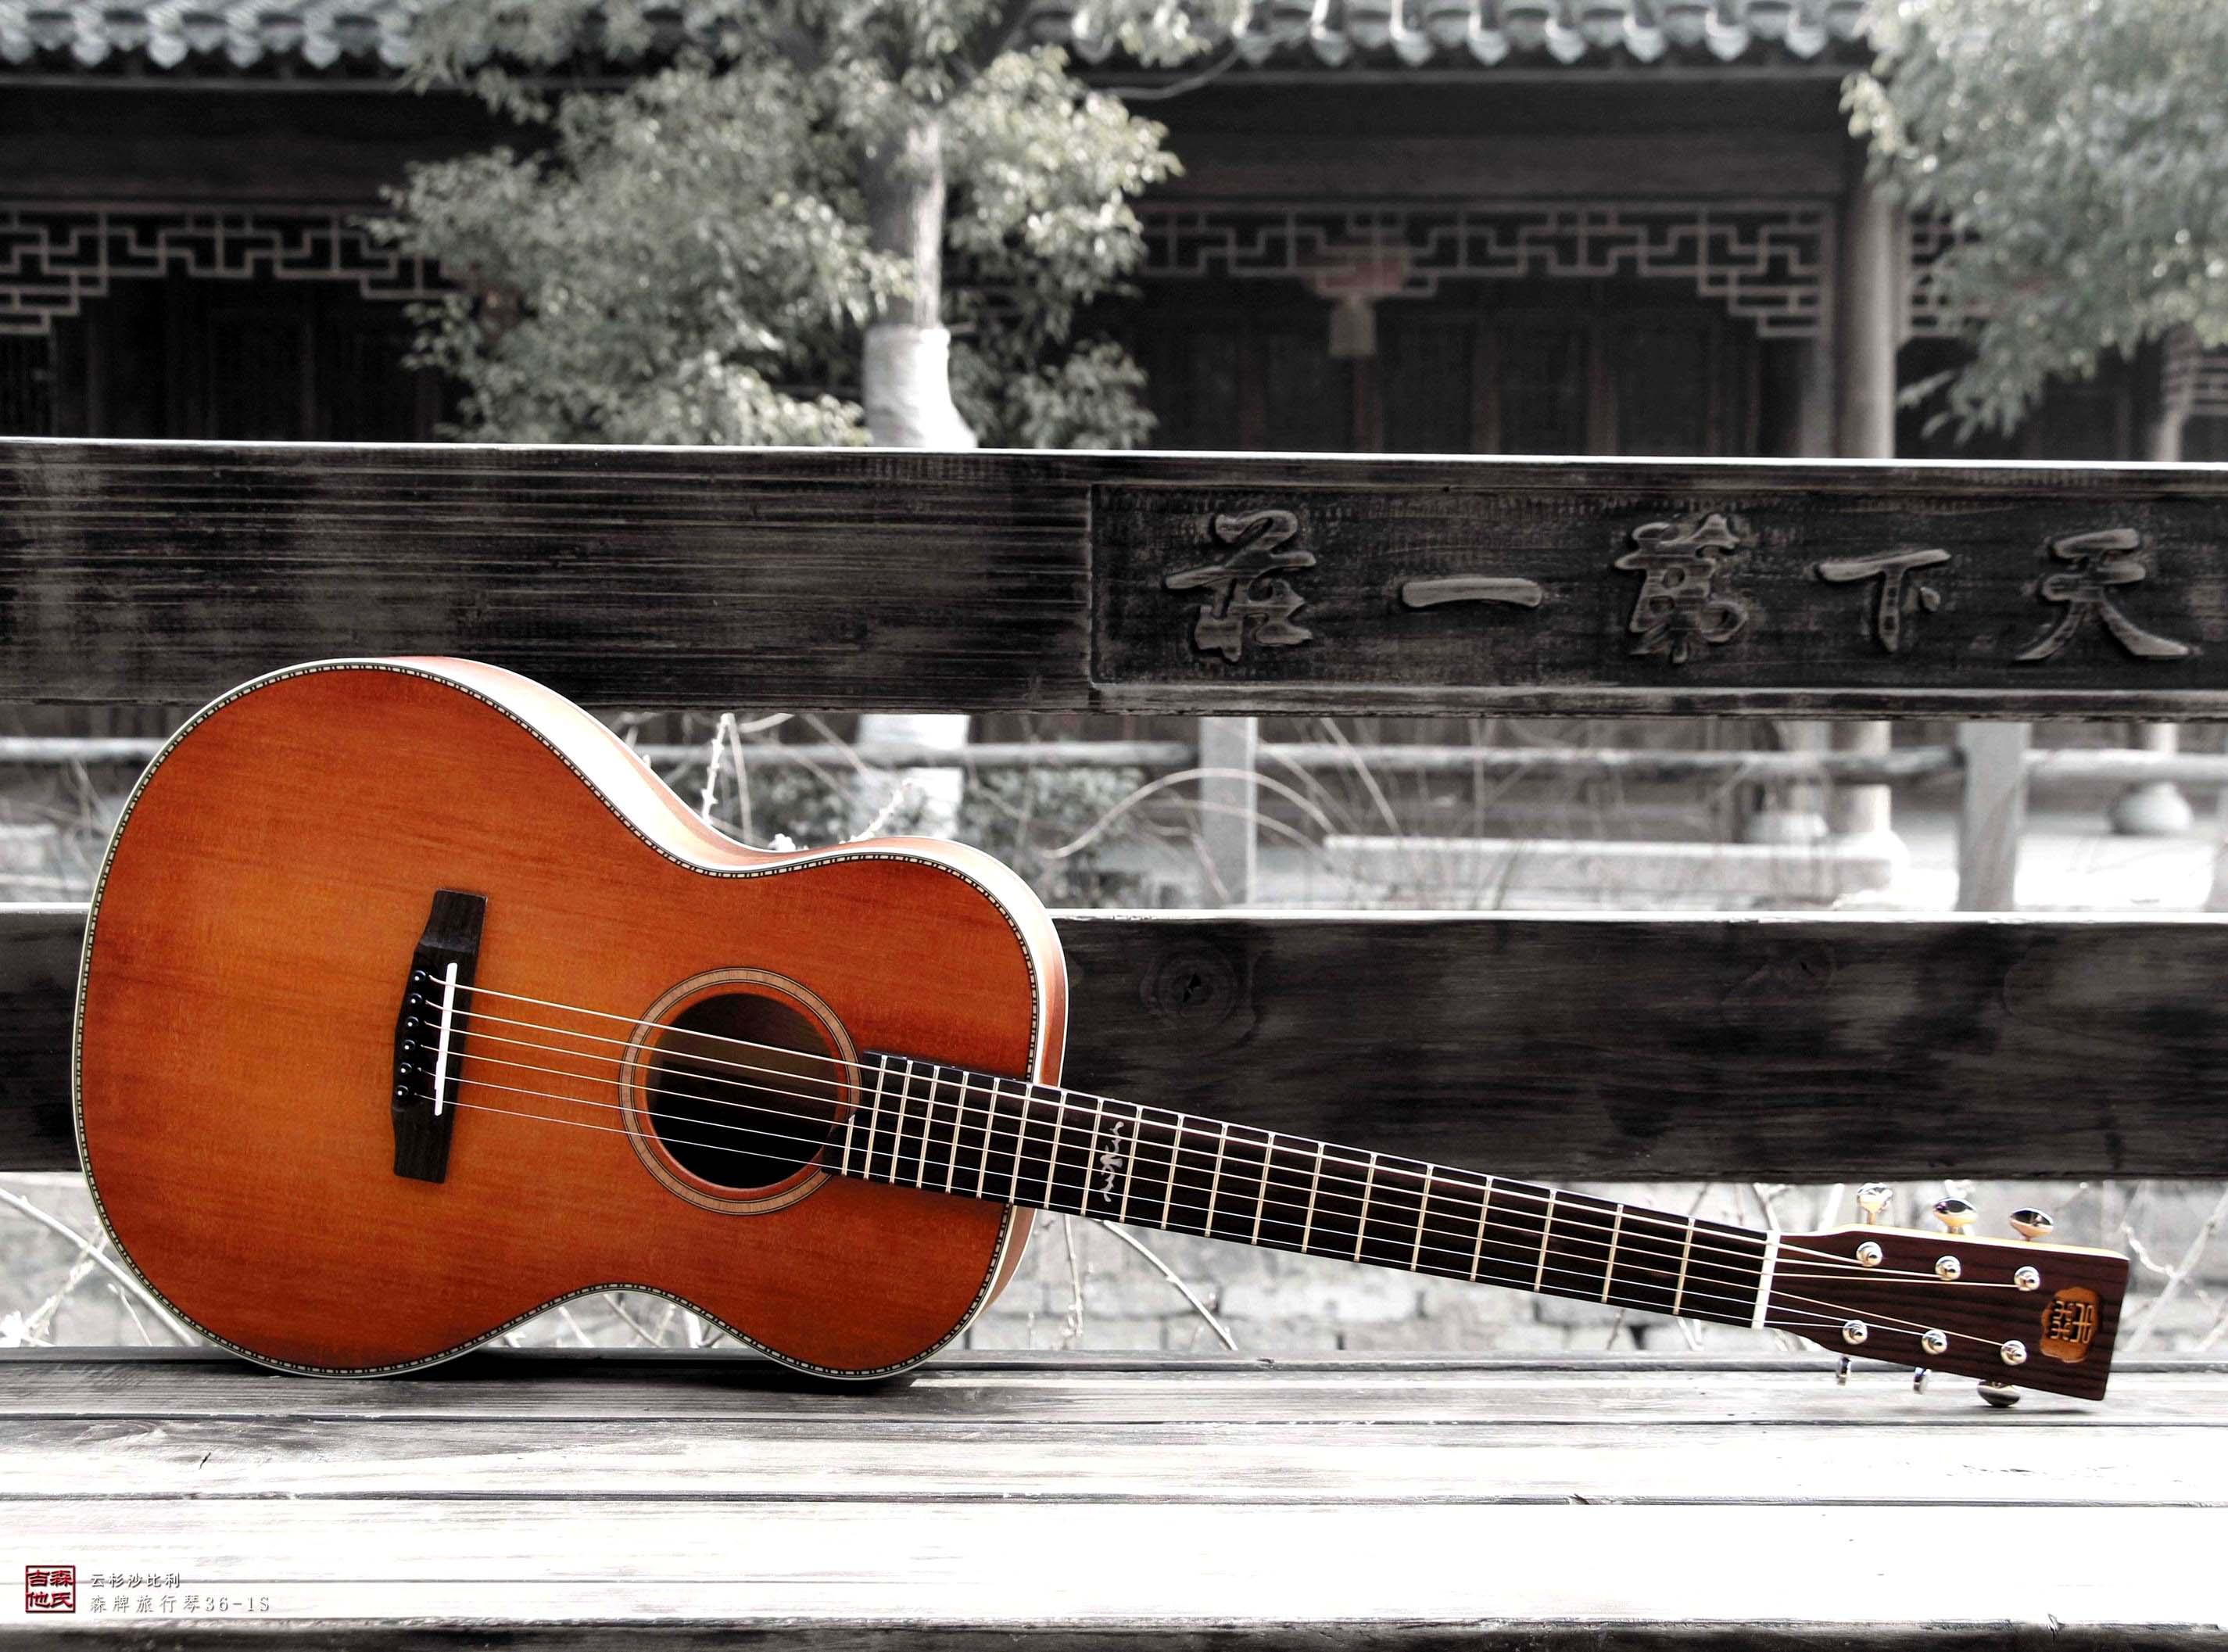 品牌:森牌吉他 森格威 型号:36-1s 全国统一售价:1180元(有赠品:加厚